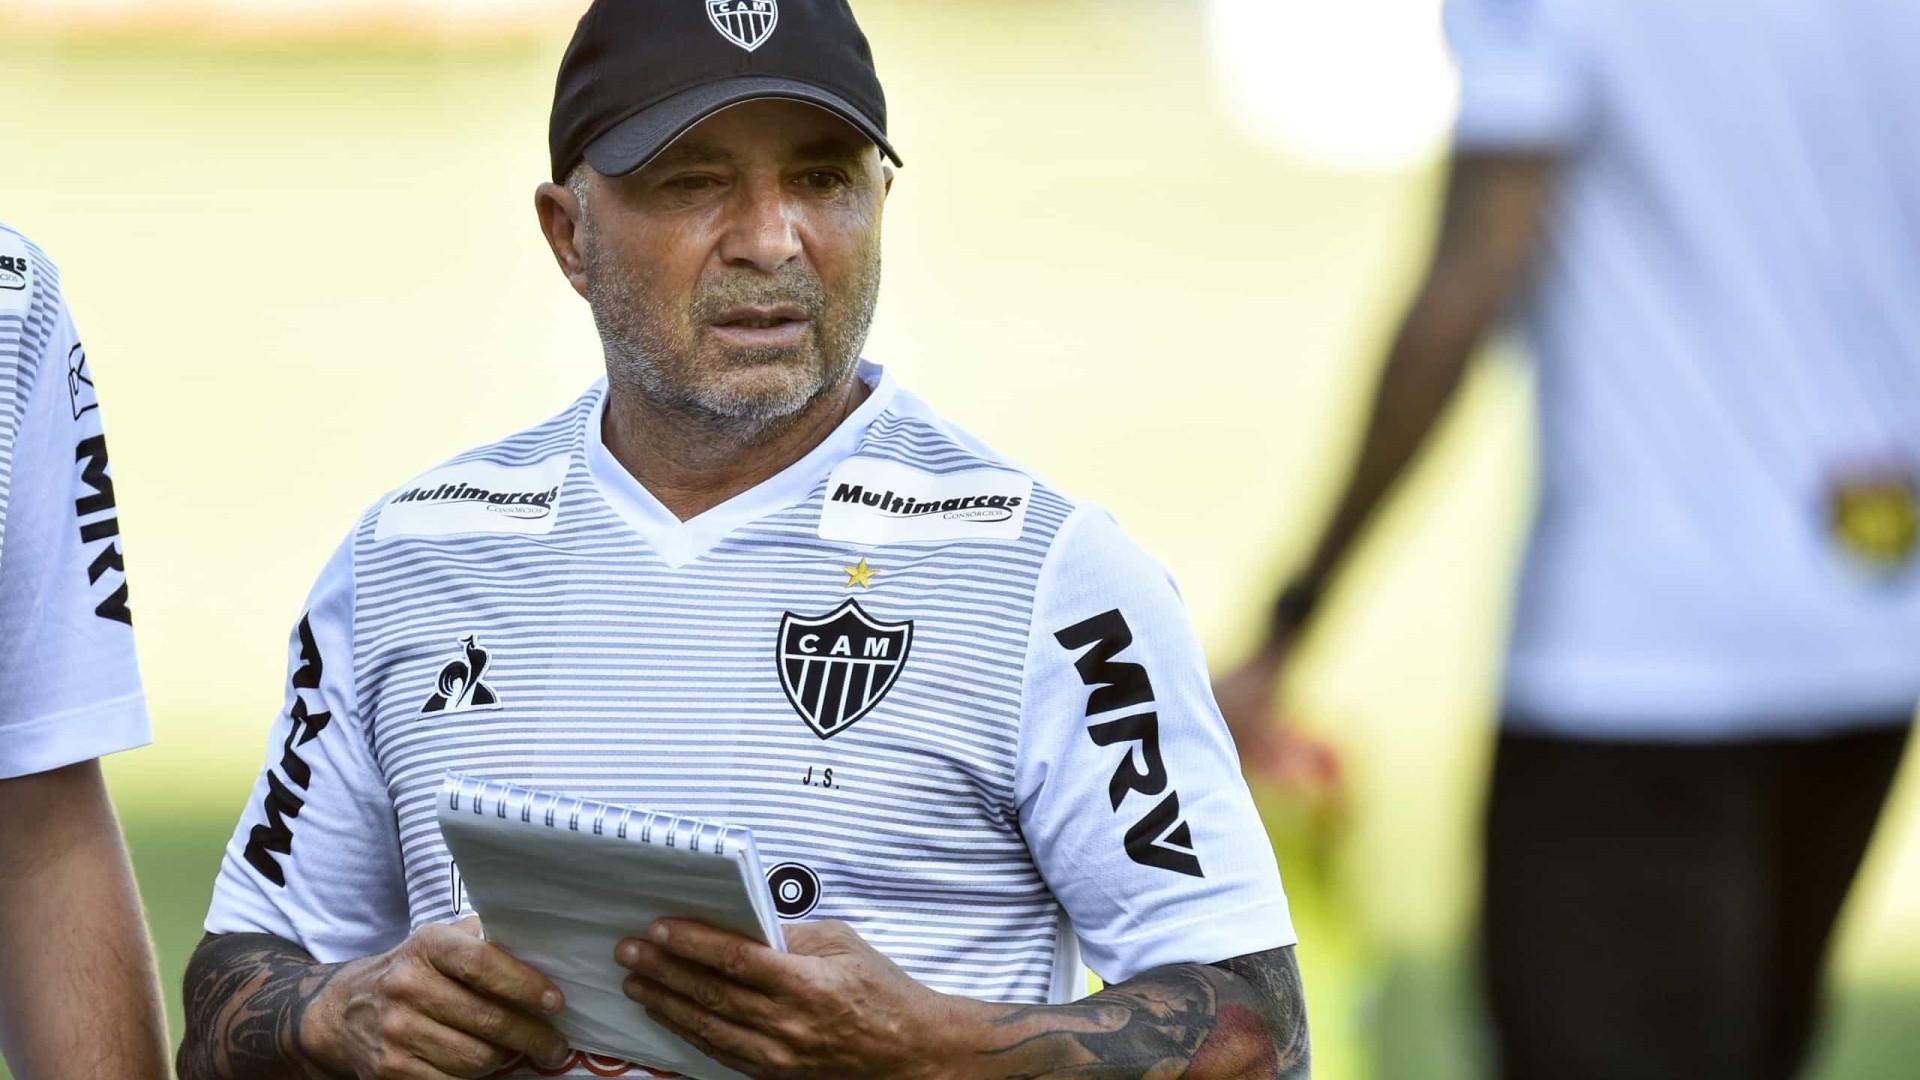 À espera da final do Mineiro, Sampaoli se preocupa com o Flamengo